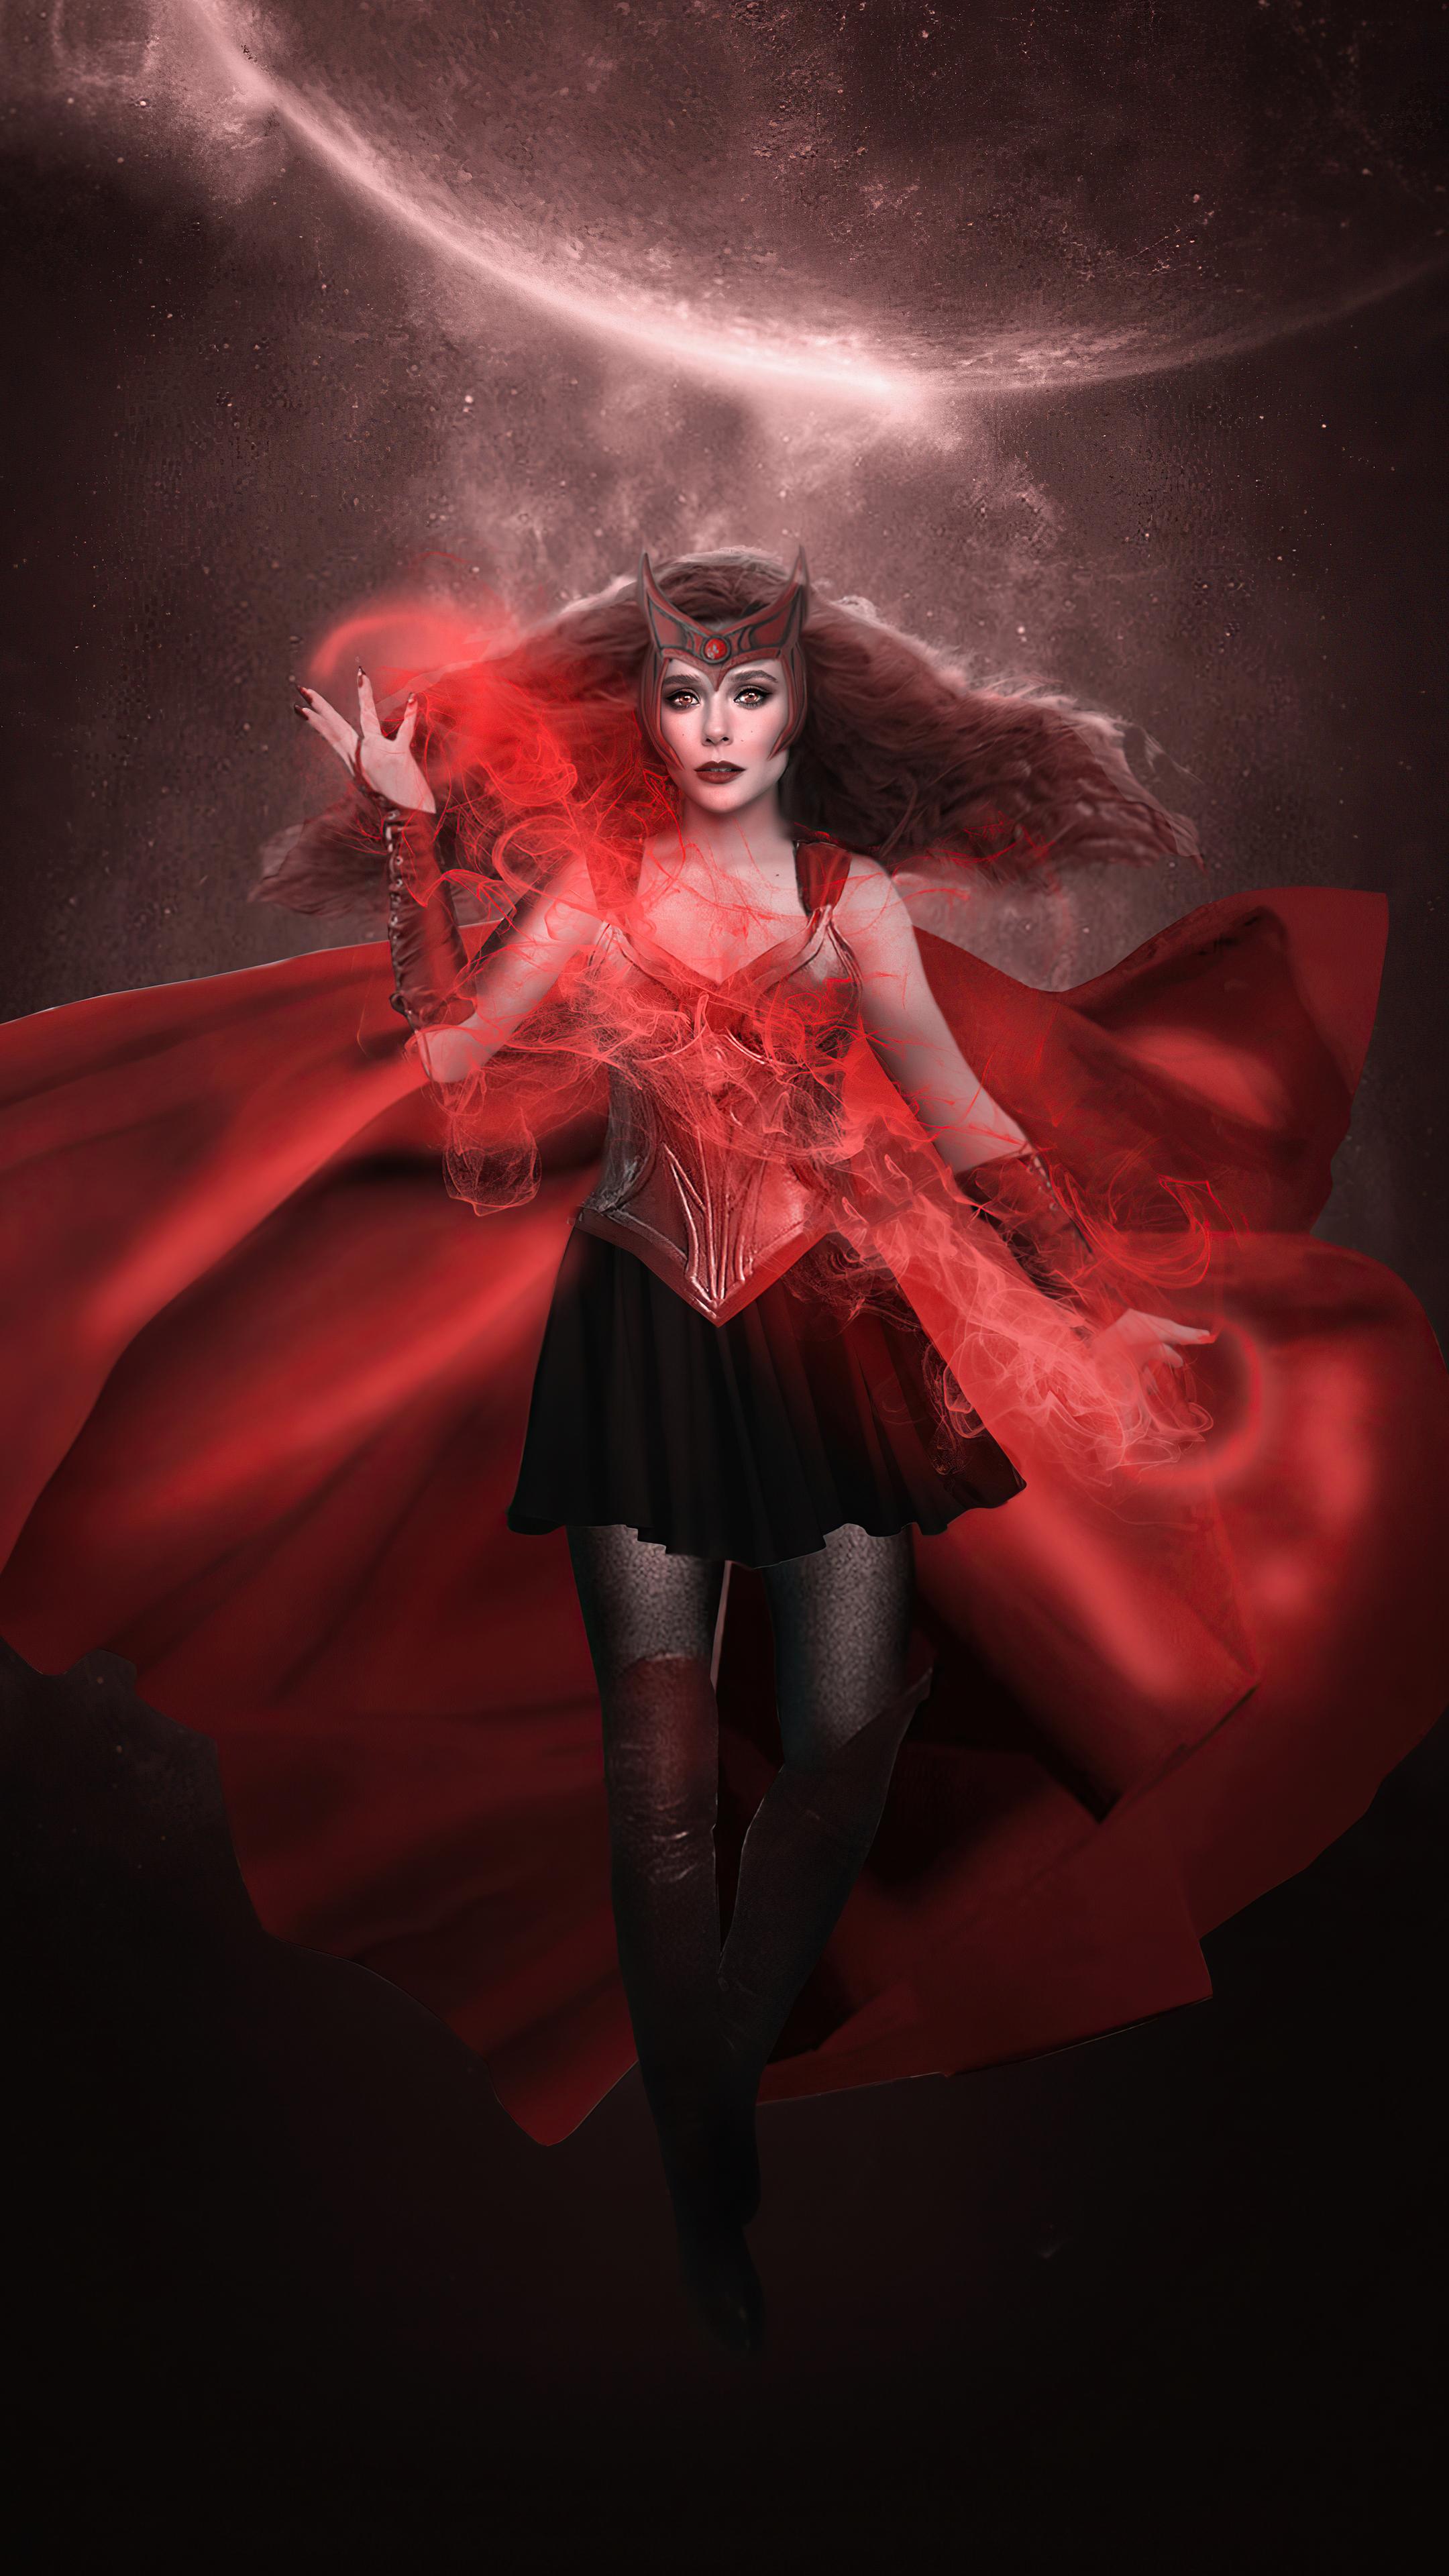 scarlet-witch-comic-x-movie-5k-gp.jpg